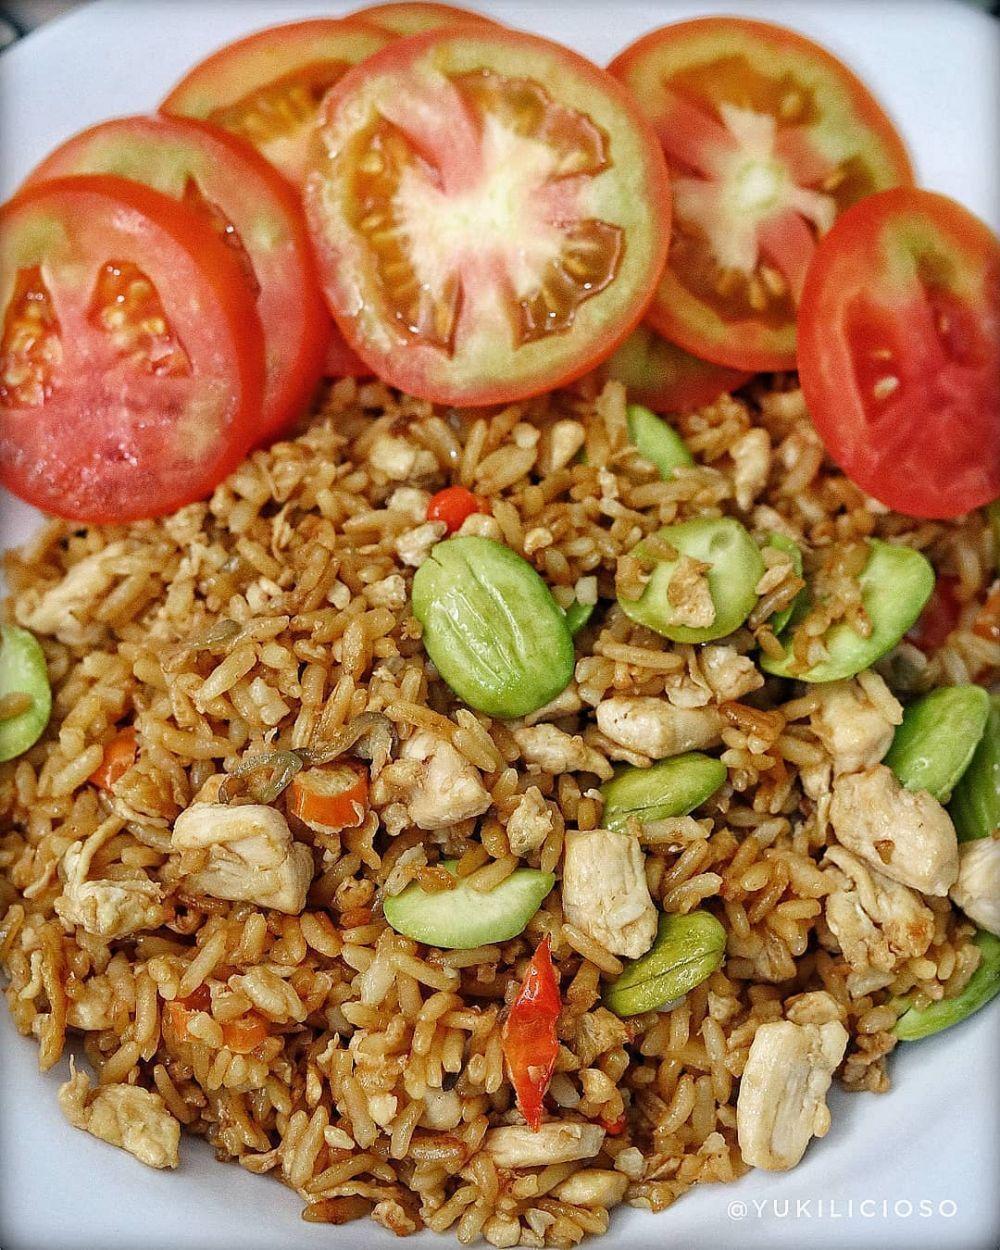 Resep Nasi Goreng Rumahan : resep, goreng, rumahan, Resep, Goreng, Rumahan,, Mudah, Dibuat, Instagram, Goreng,, Resep,, Masakan